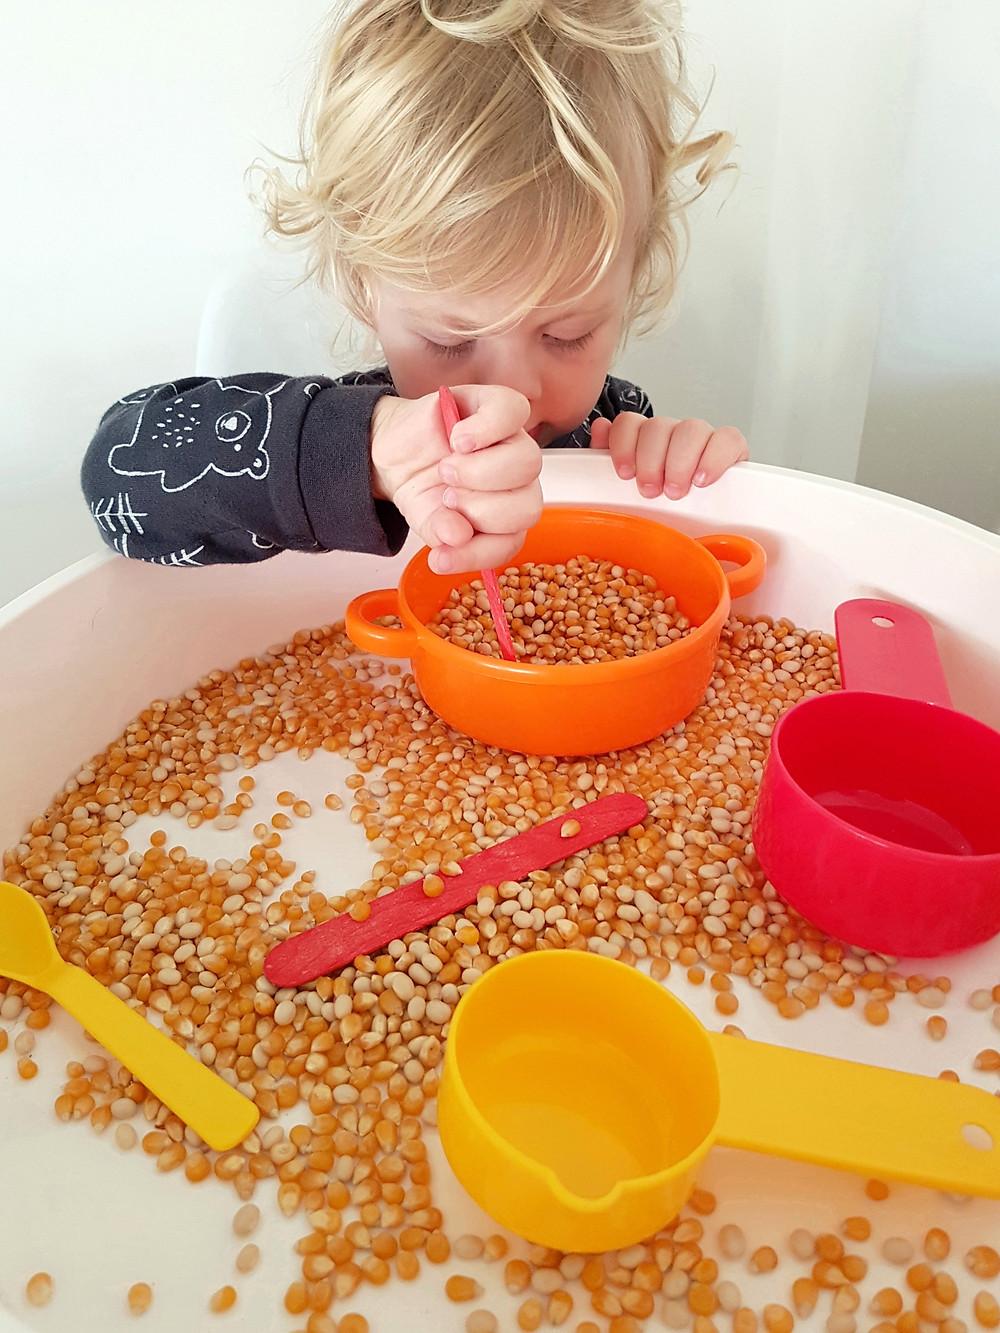 blonde toddler playing with corn sensory bin